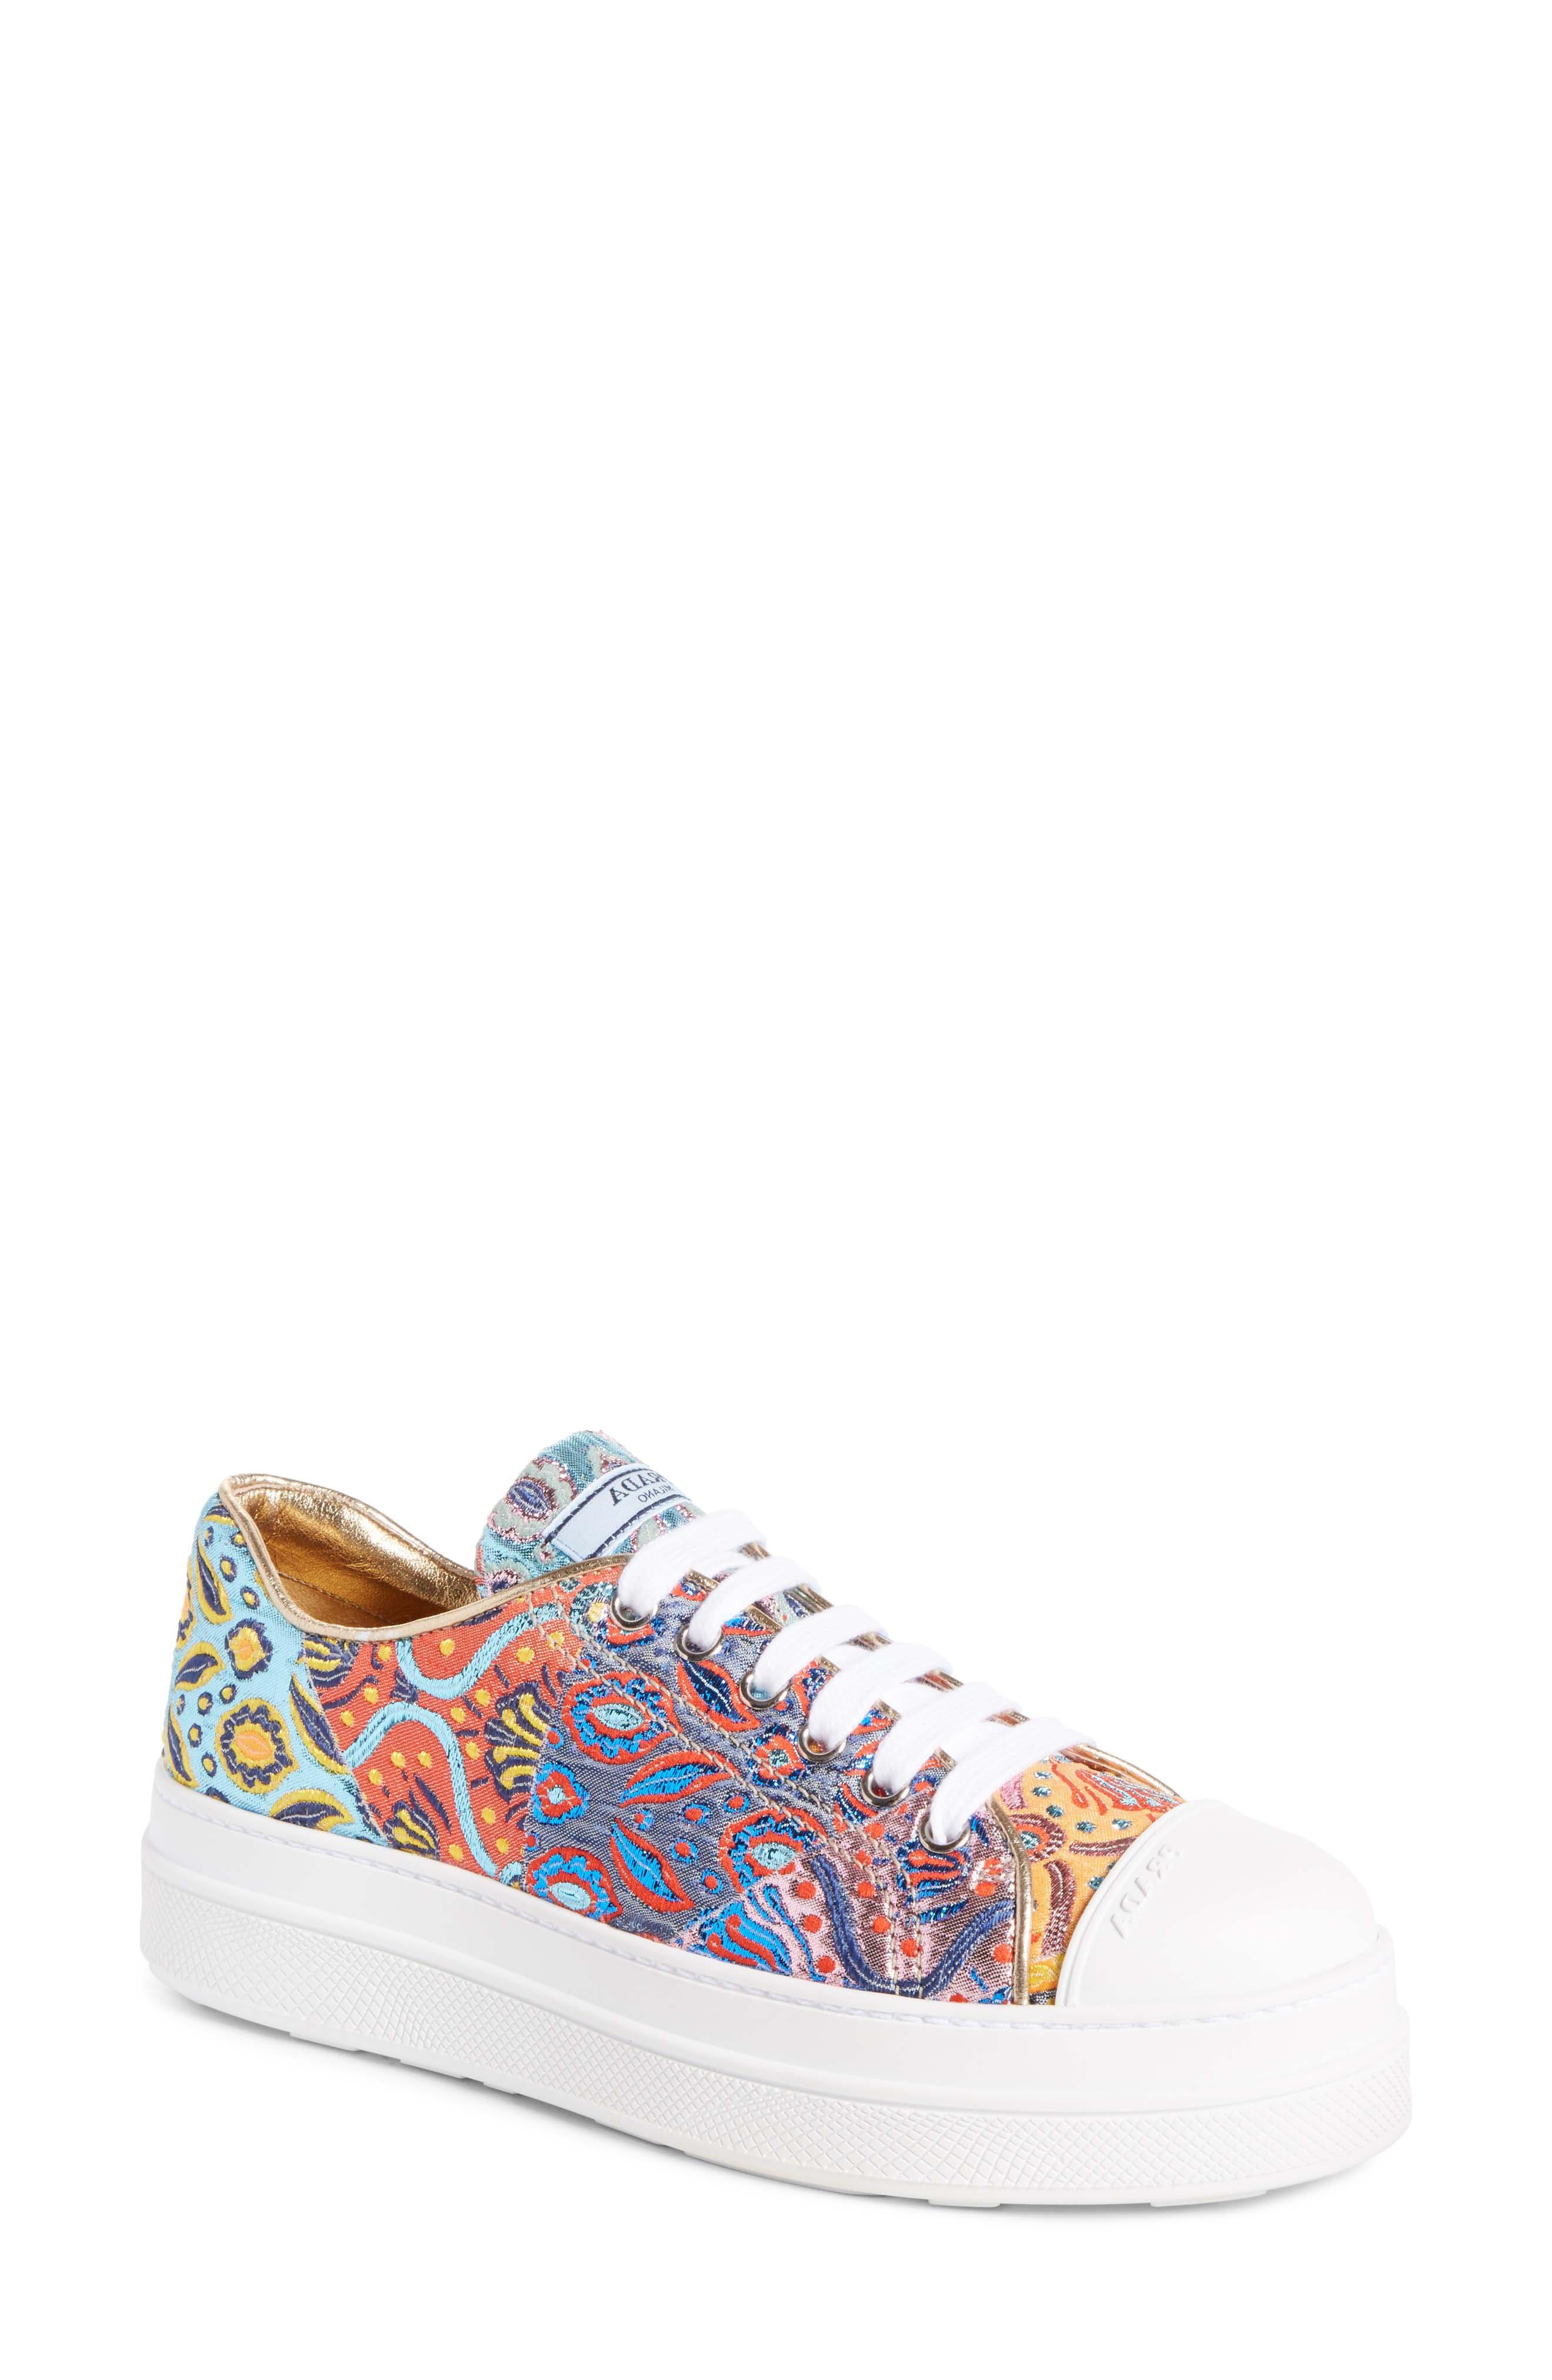 Prada Patchwork Embroidered Platform Sneaker (Women)